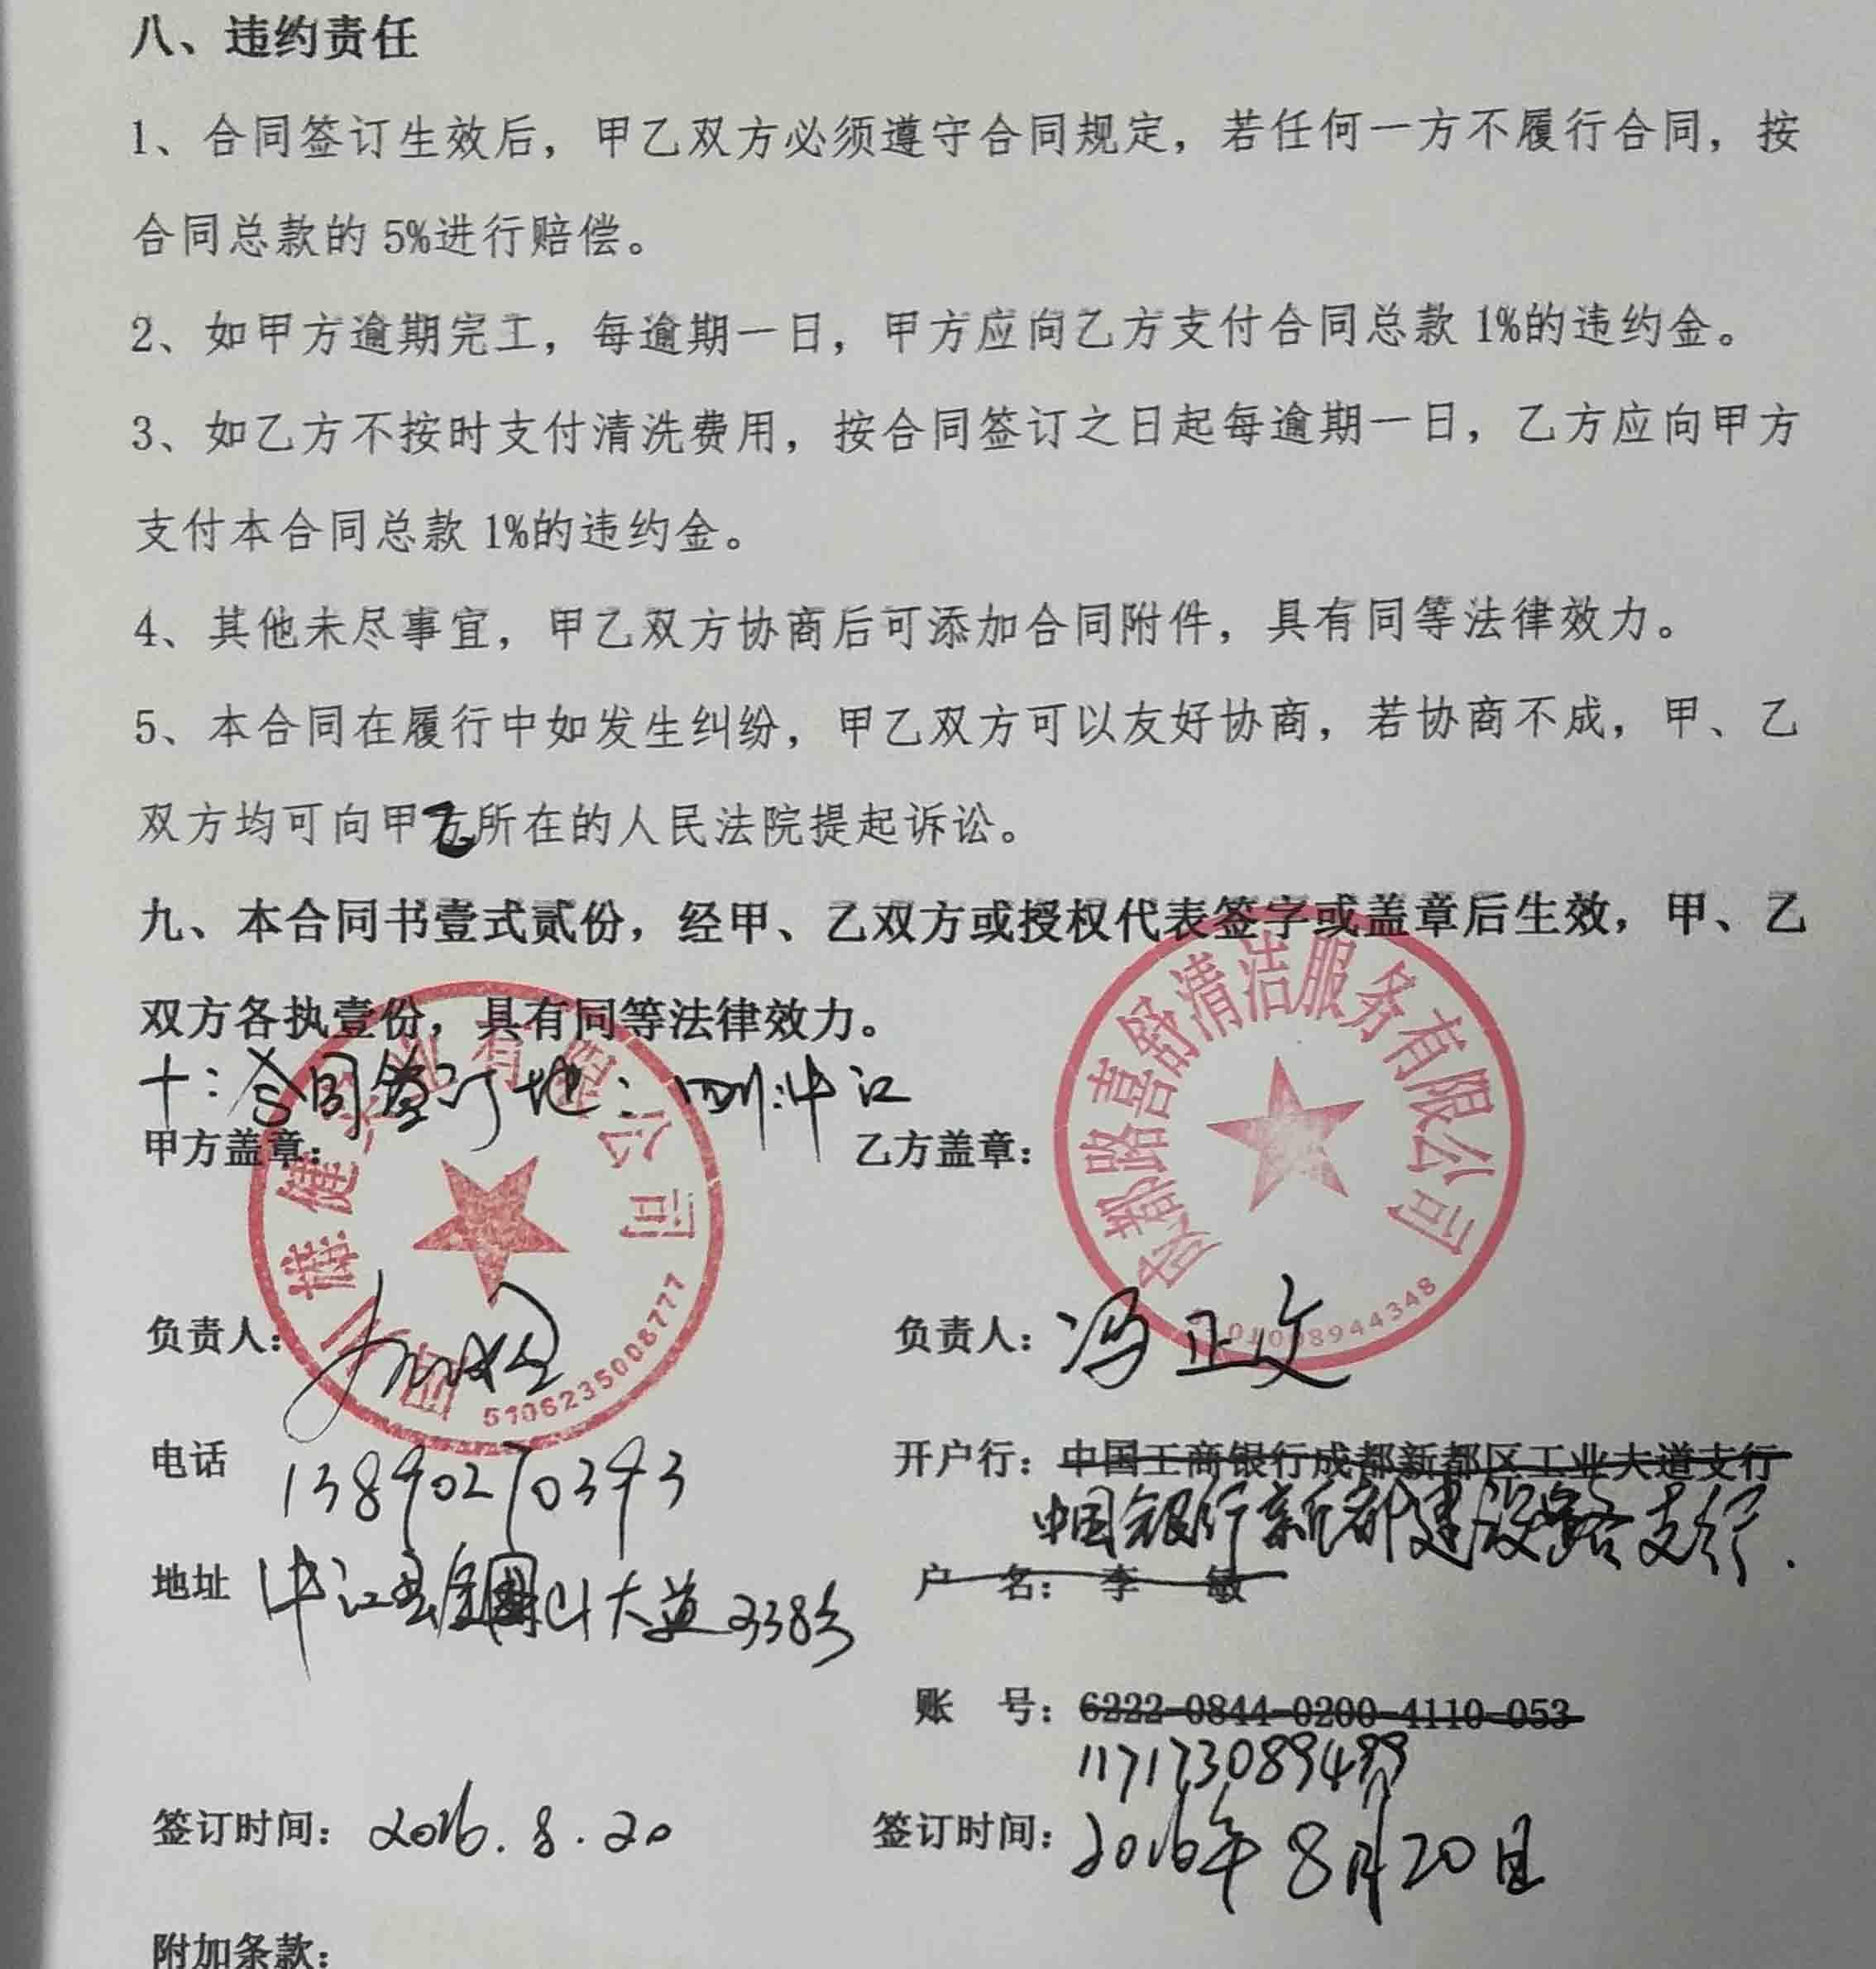 四川雄健实业有限公司导热油路清洗案例分享